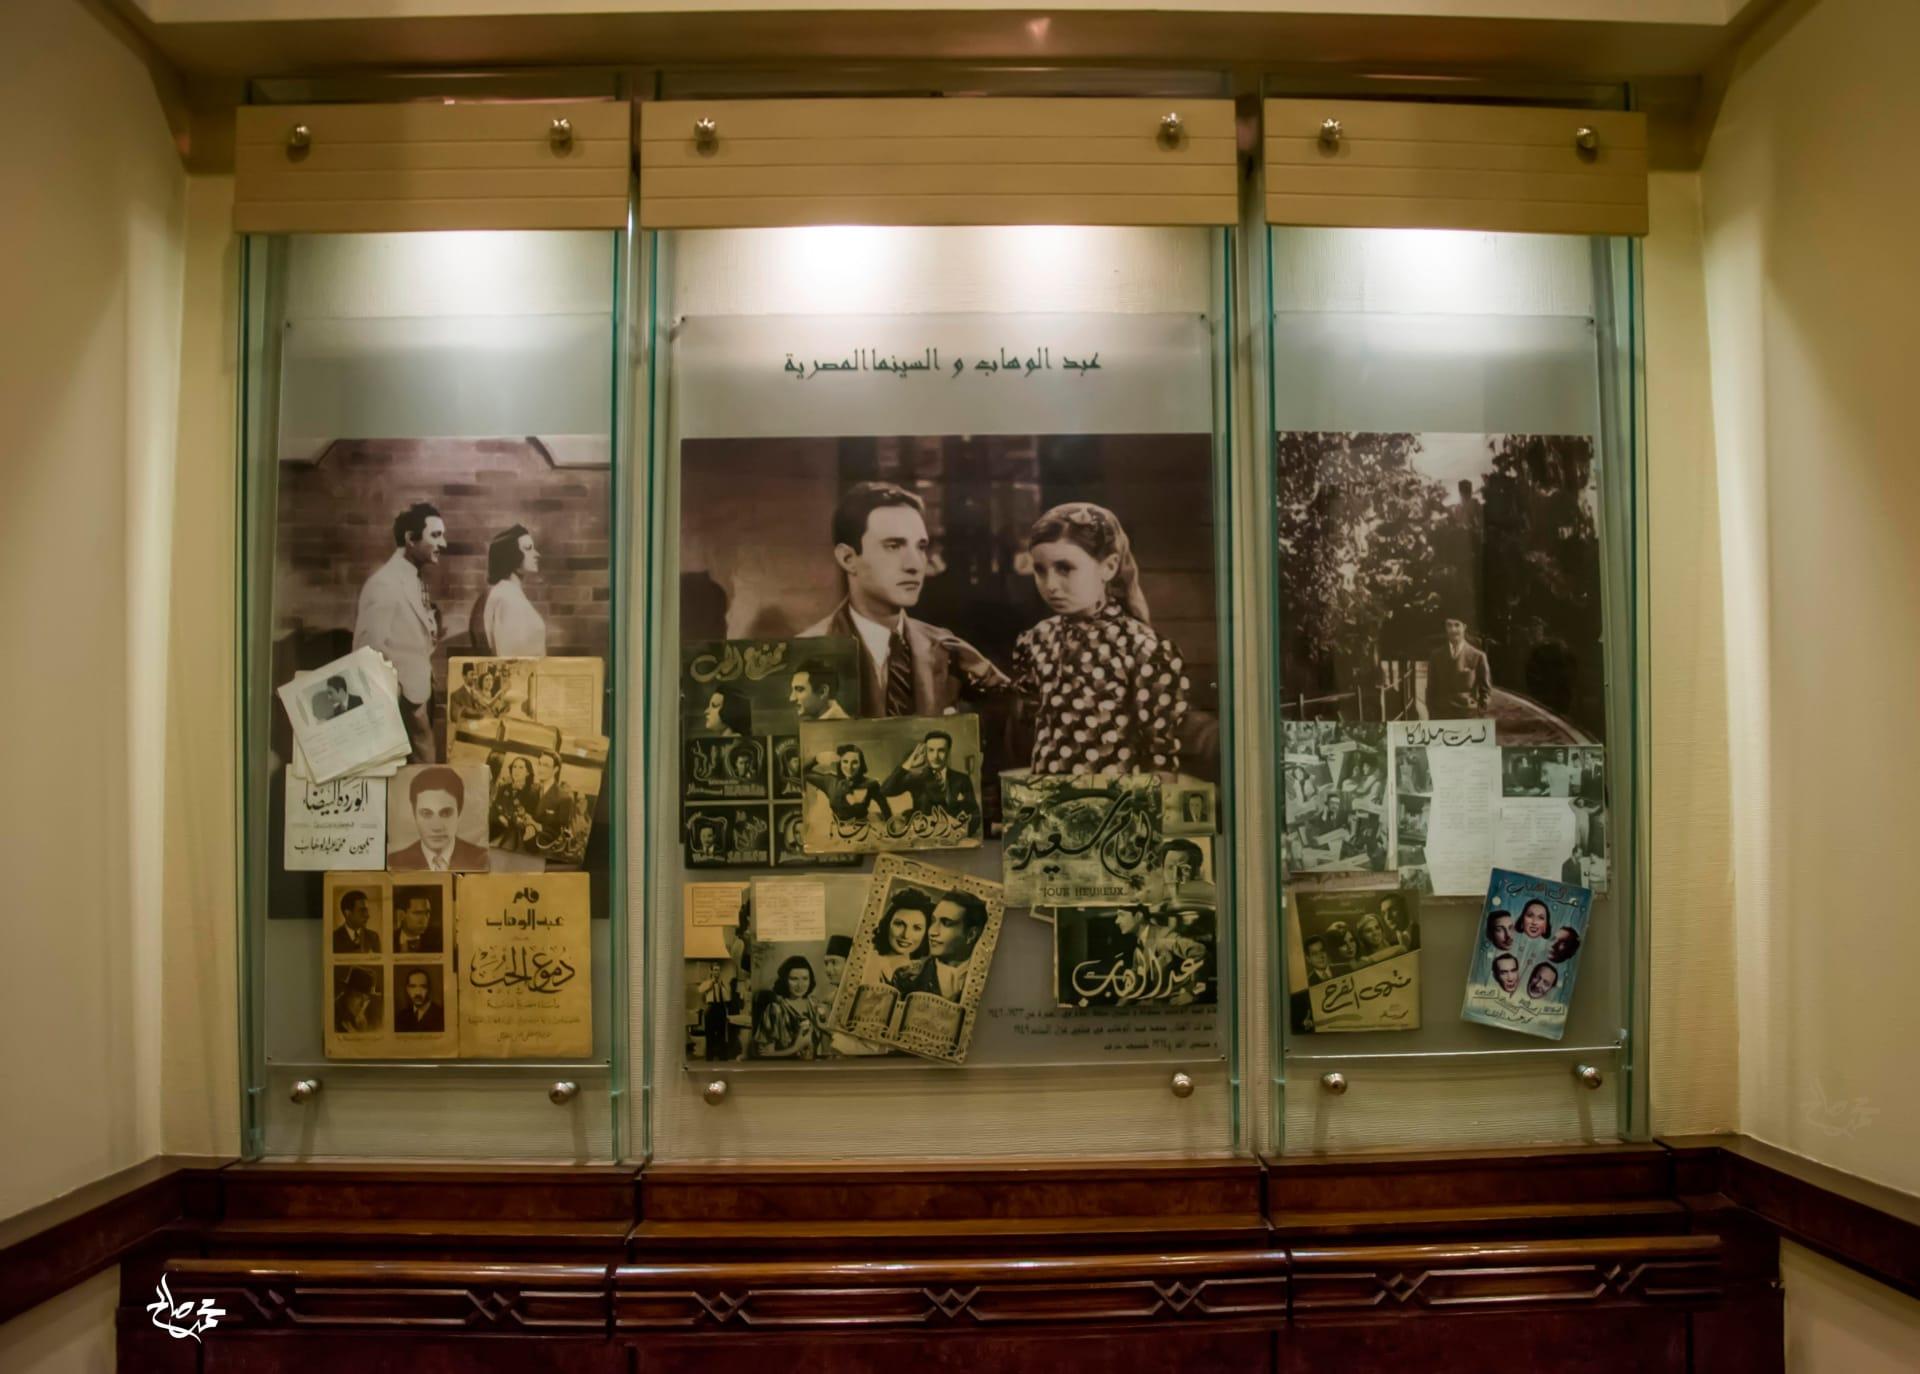 متحف عبدالوهاب في القاهرة